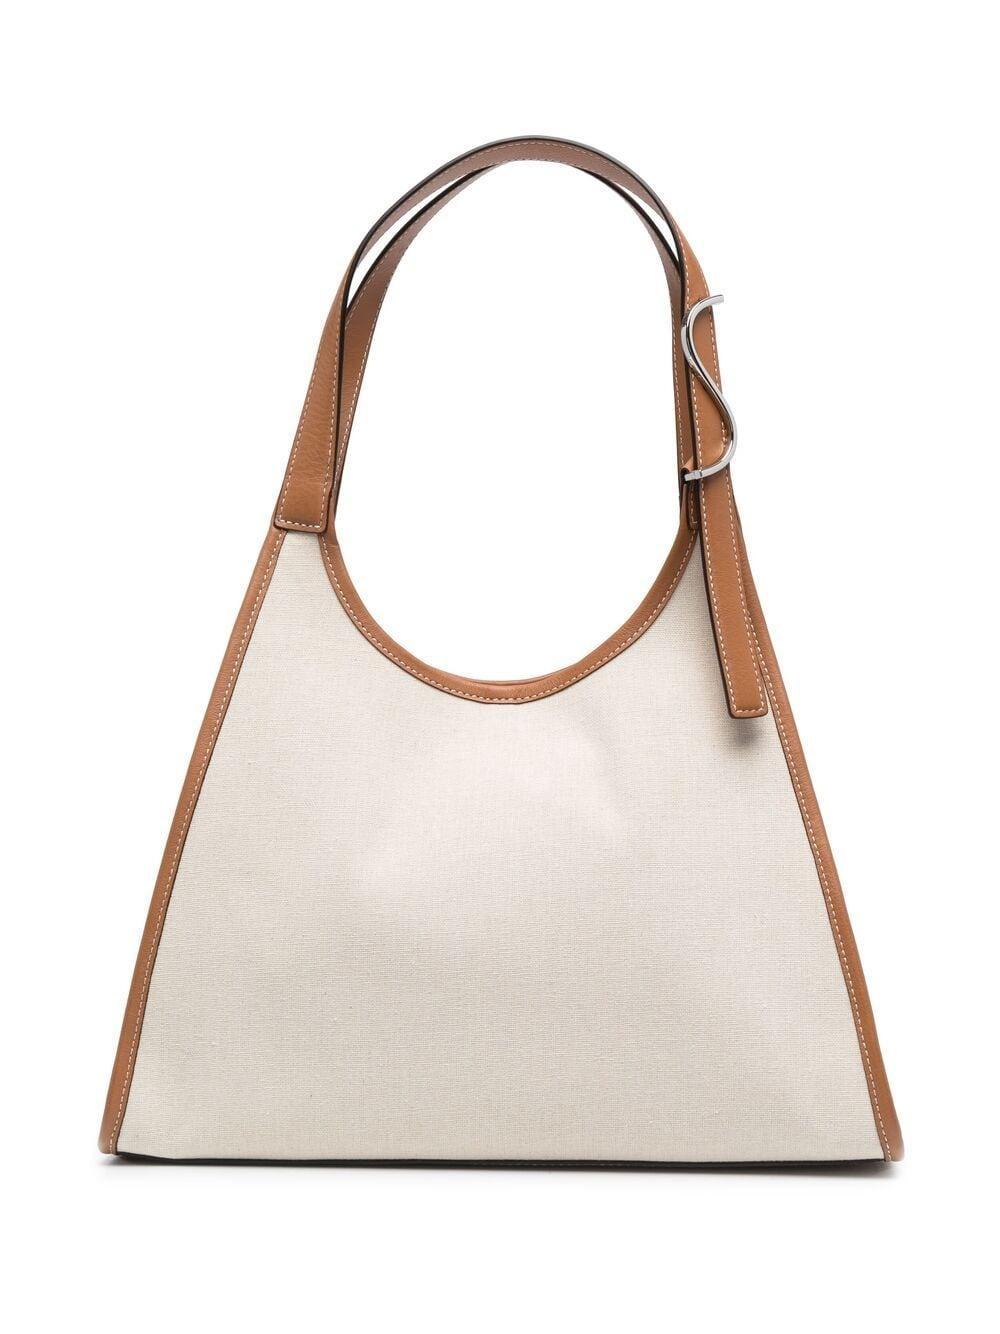 Rey Tote Bag Item # 306-9400